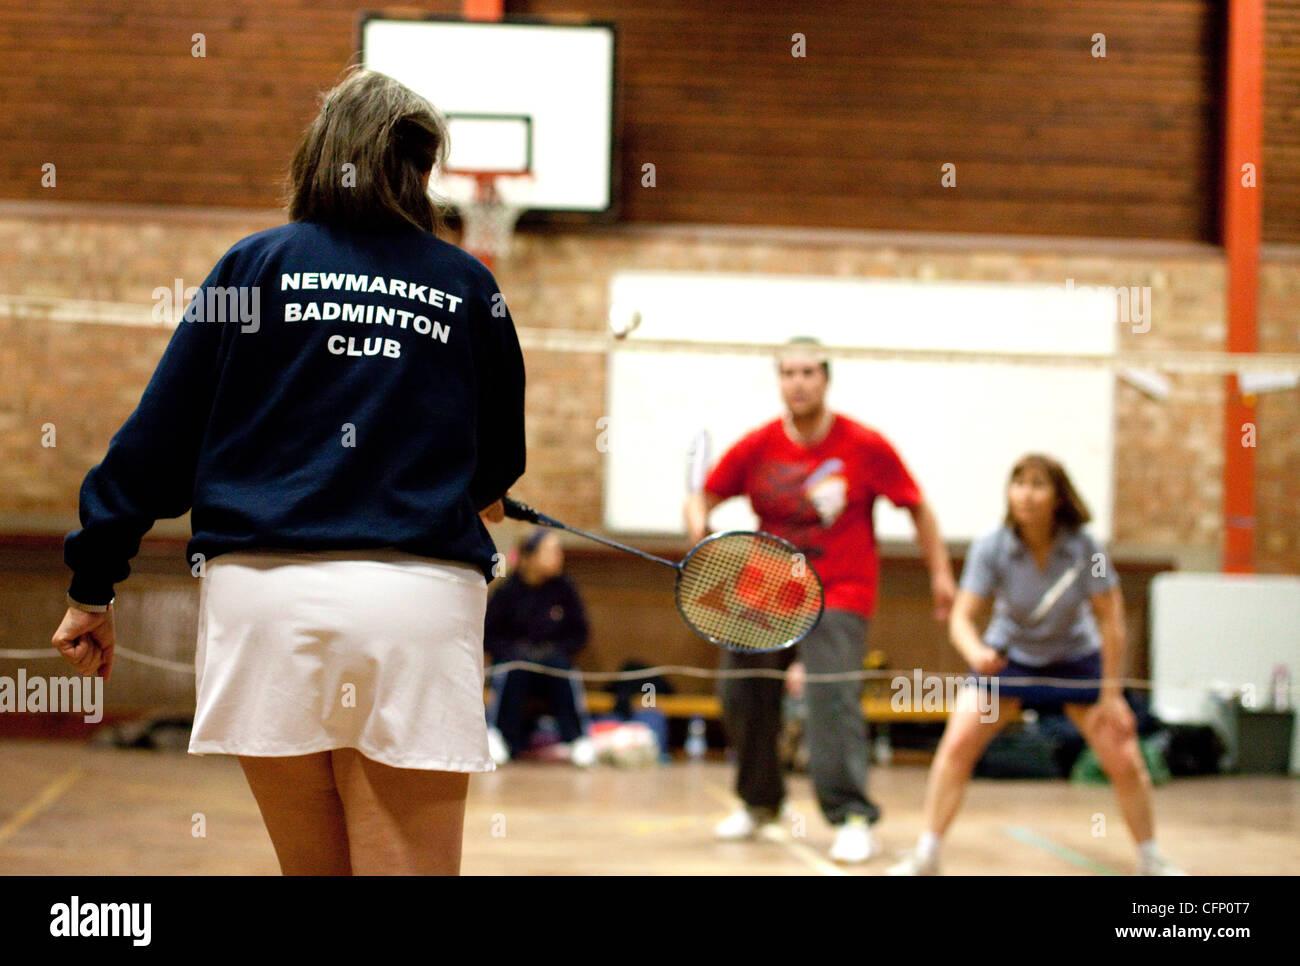 Persone che giocano a badminton al loro club locale, Newmarket Suffolk REGNO UNITO Immagini Stock